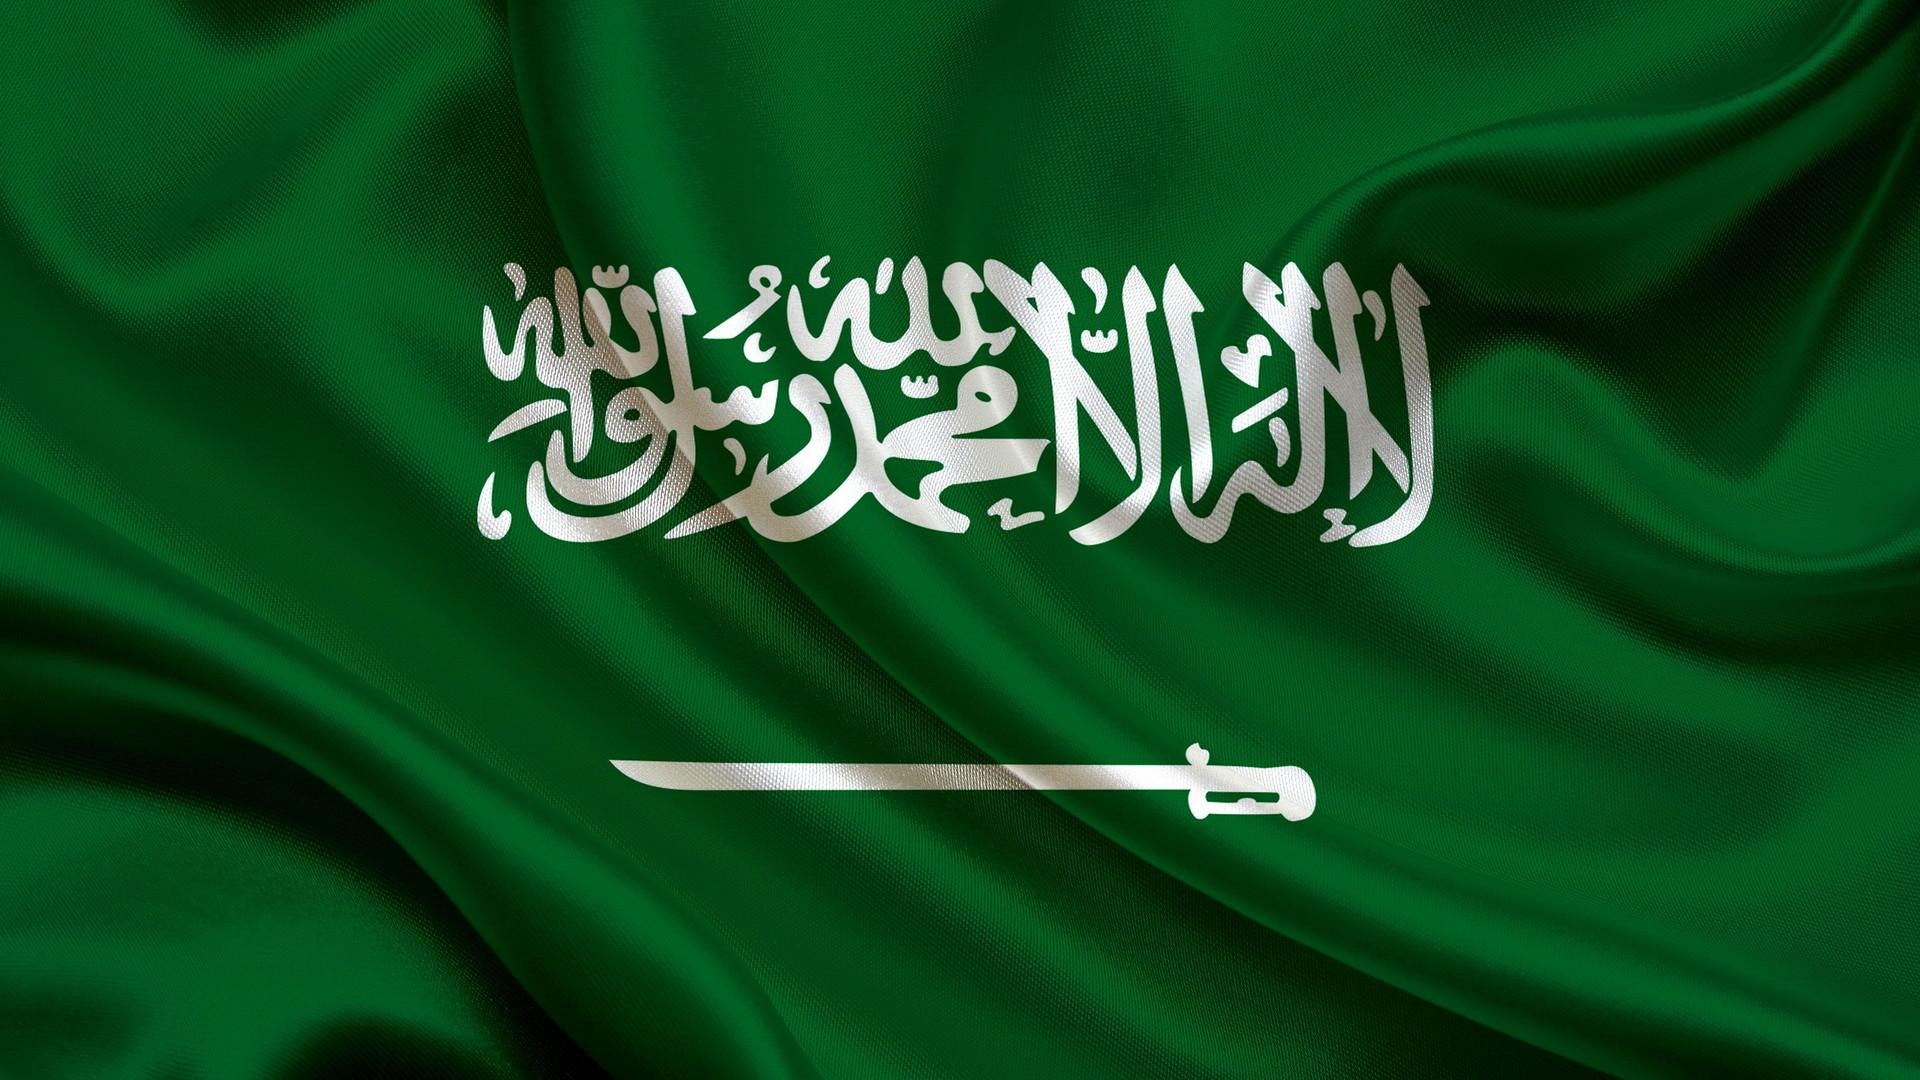 Res: 1920x1080, pakistan flag hd wallpaper download #1115032